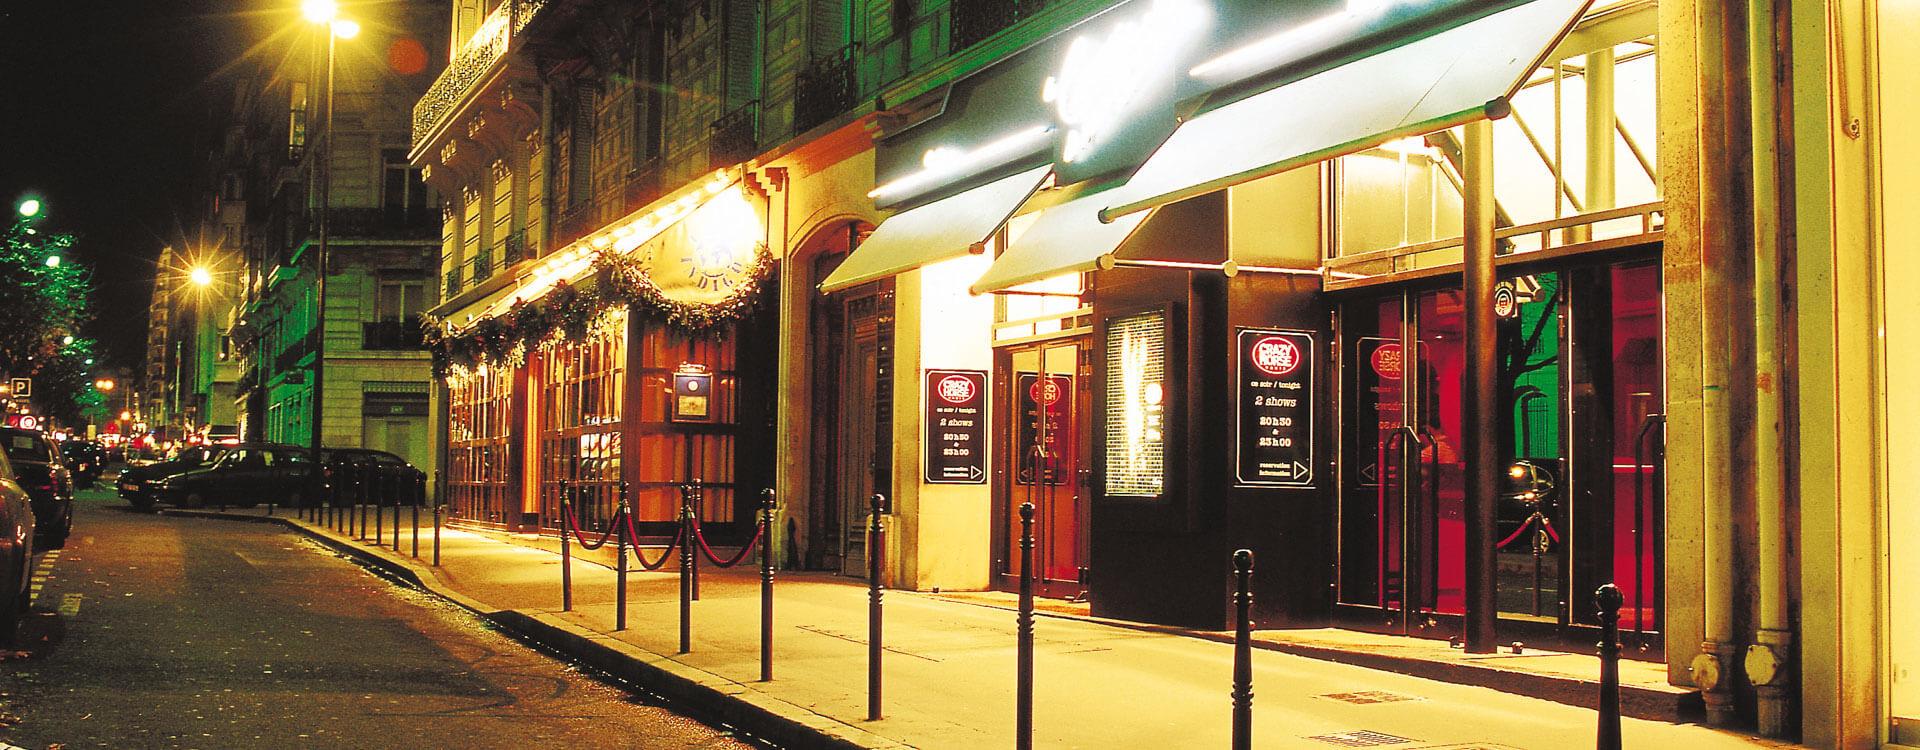 Paris - Hôtel*** Paris Provinces Opéra